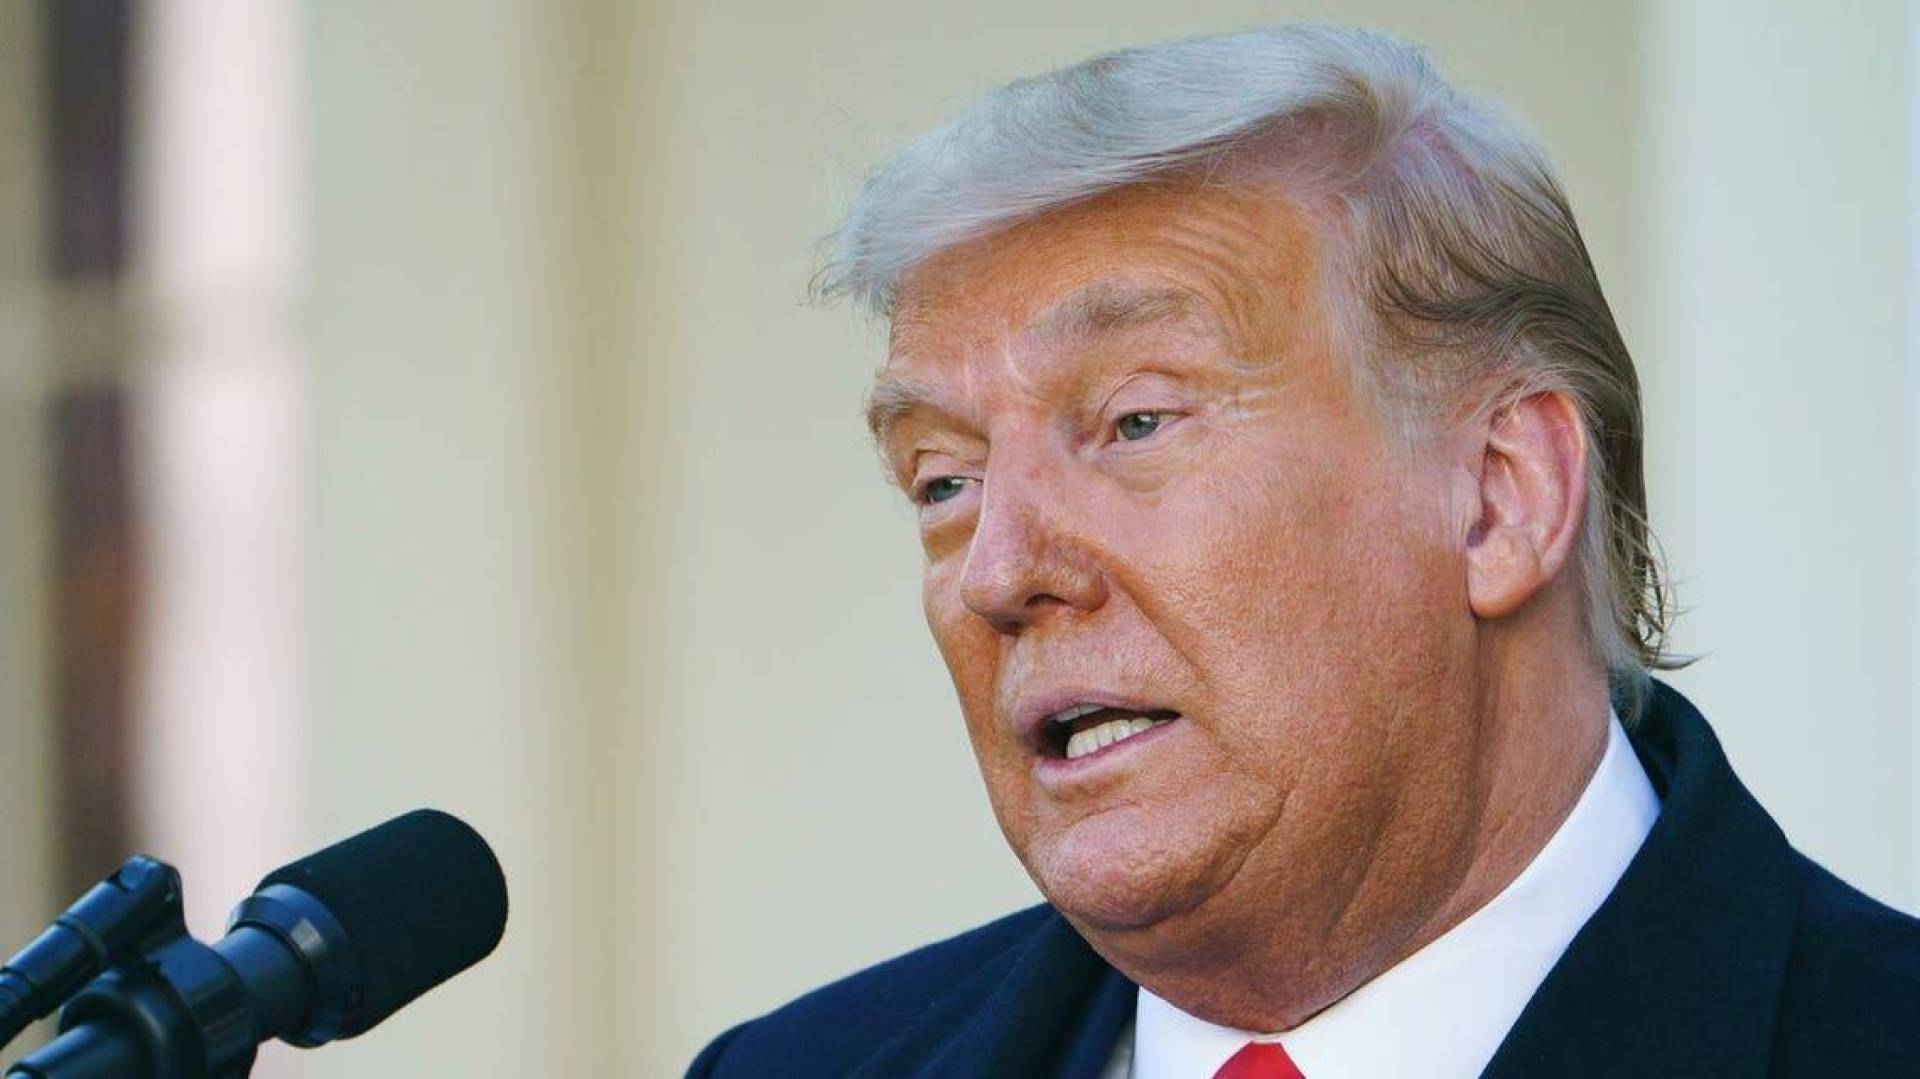 ترامب: تسليم لقاح كورونا يبدأ الأسبوع المقبل